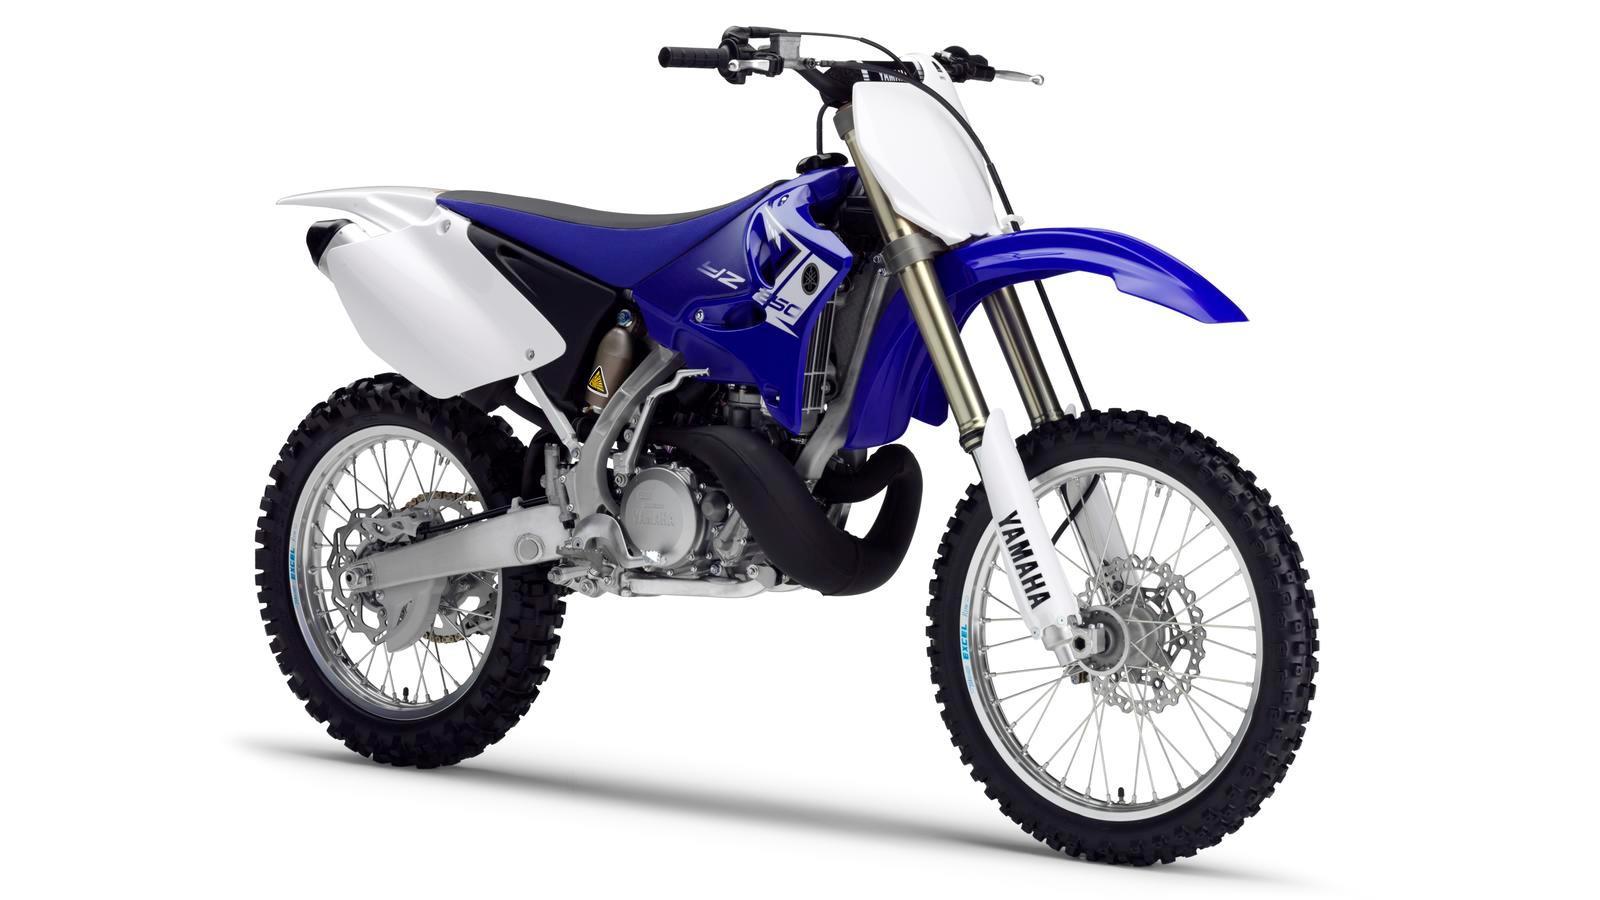 YZ250-EU-Racing-Blue-Detail-002_osob